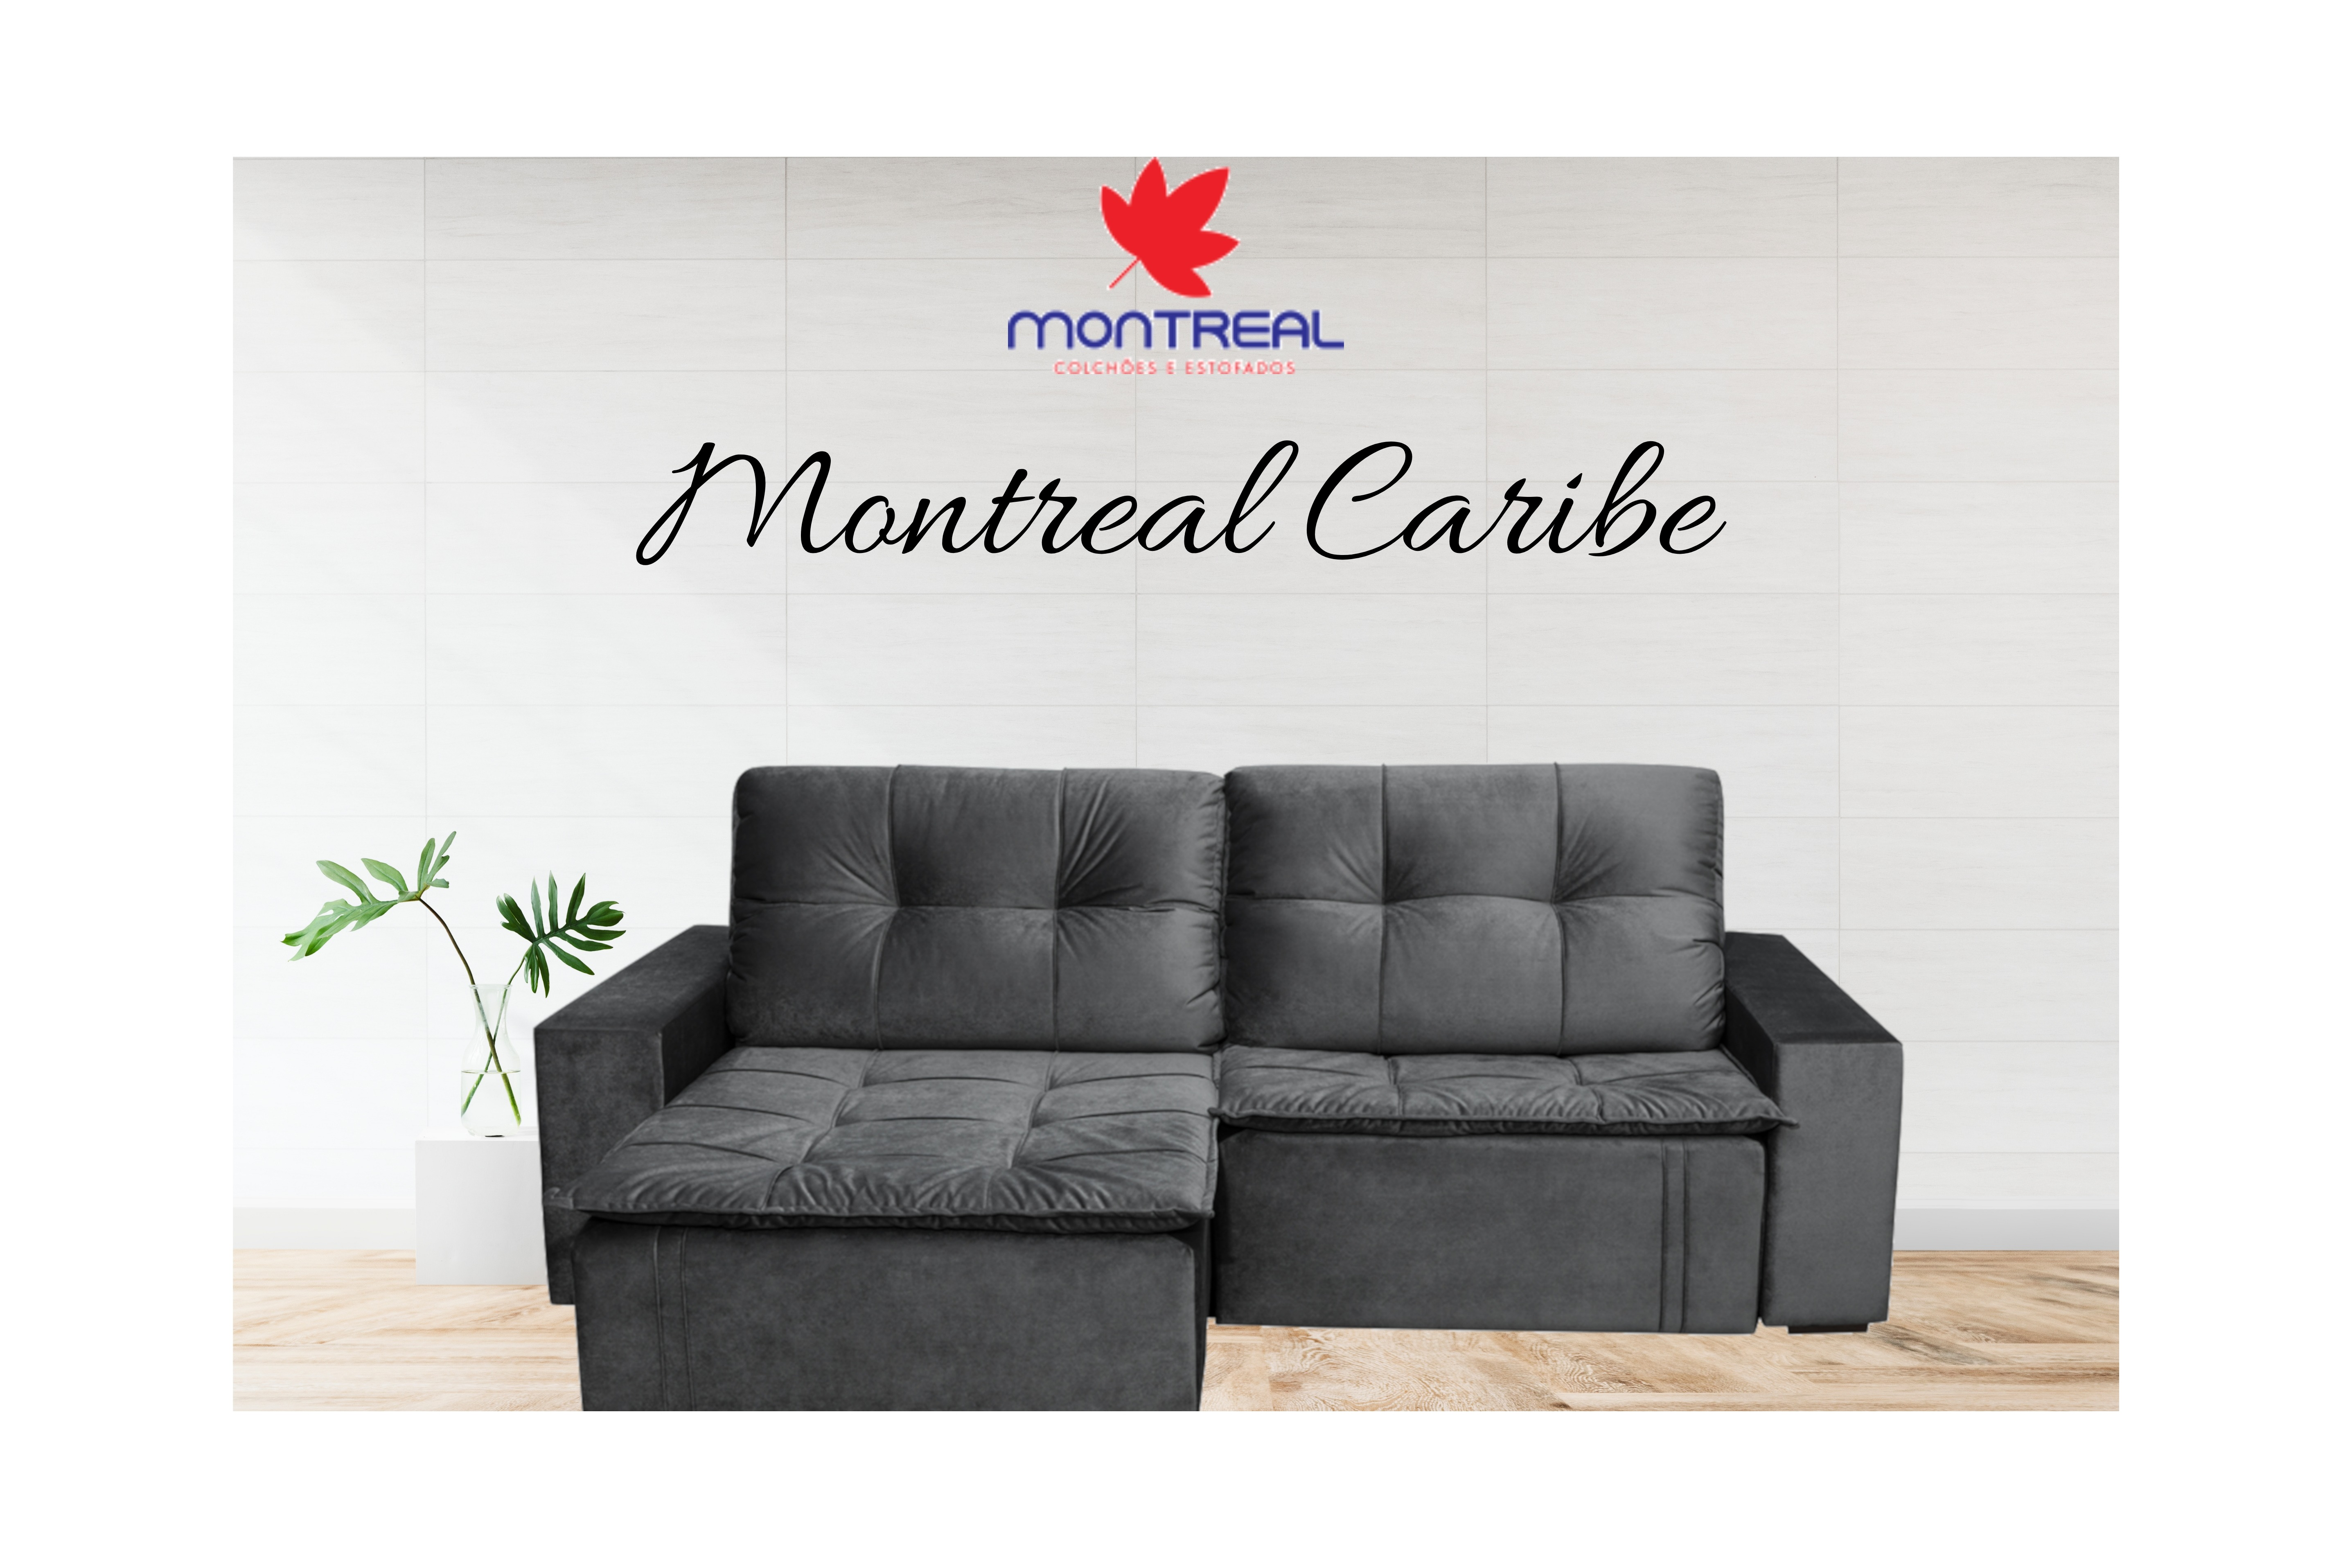 Sofá Montreal Caribe retrátil e reclinável